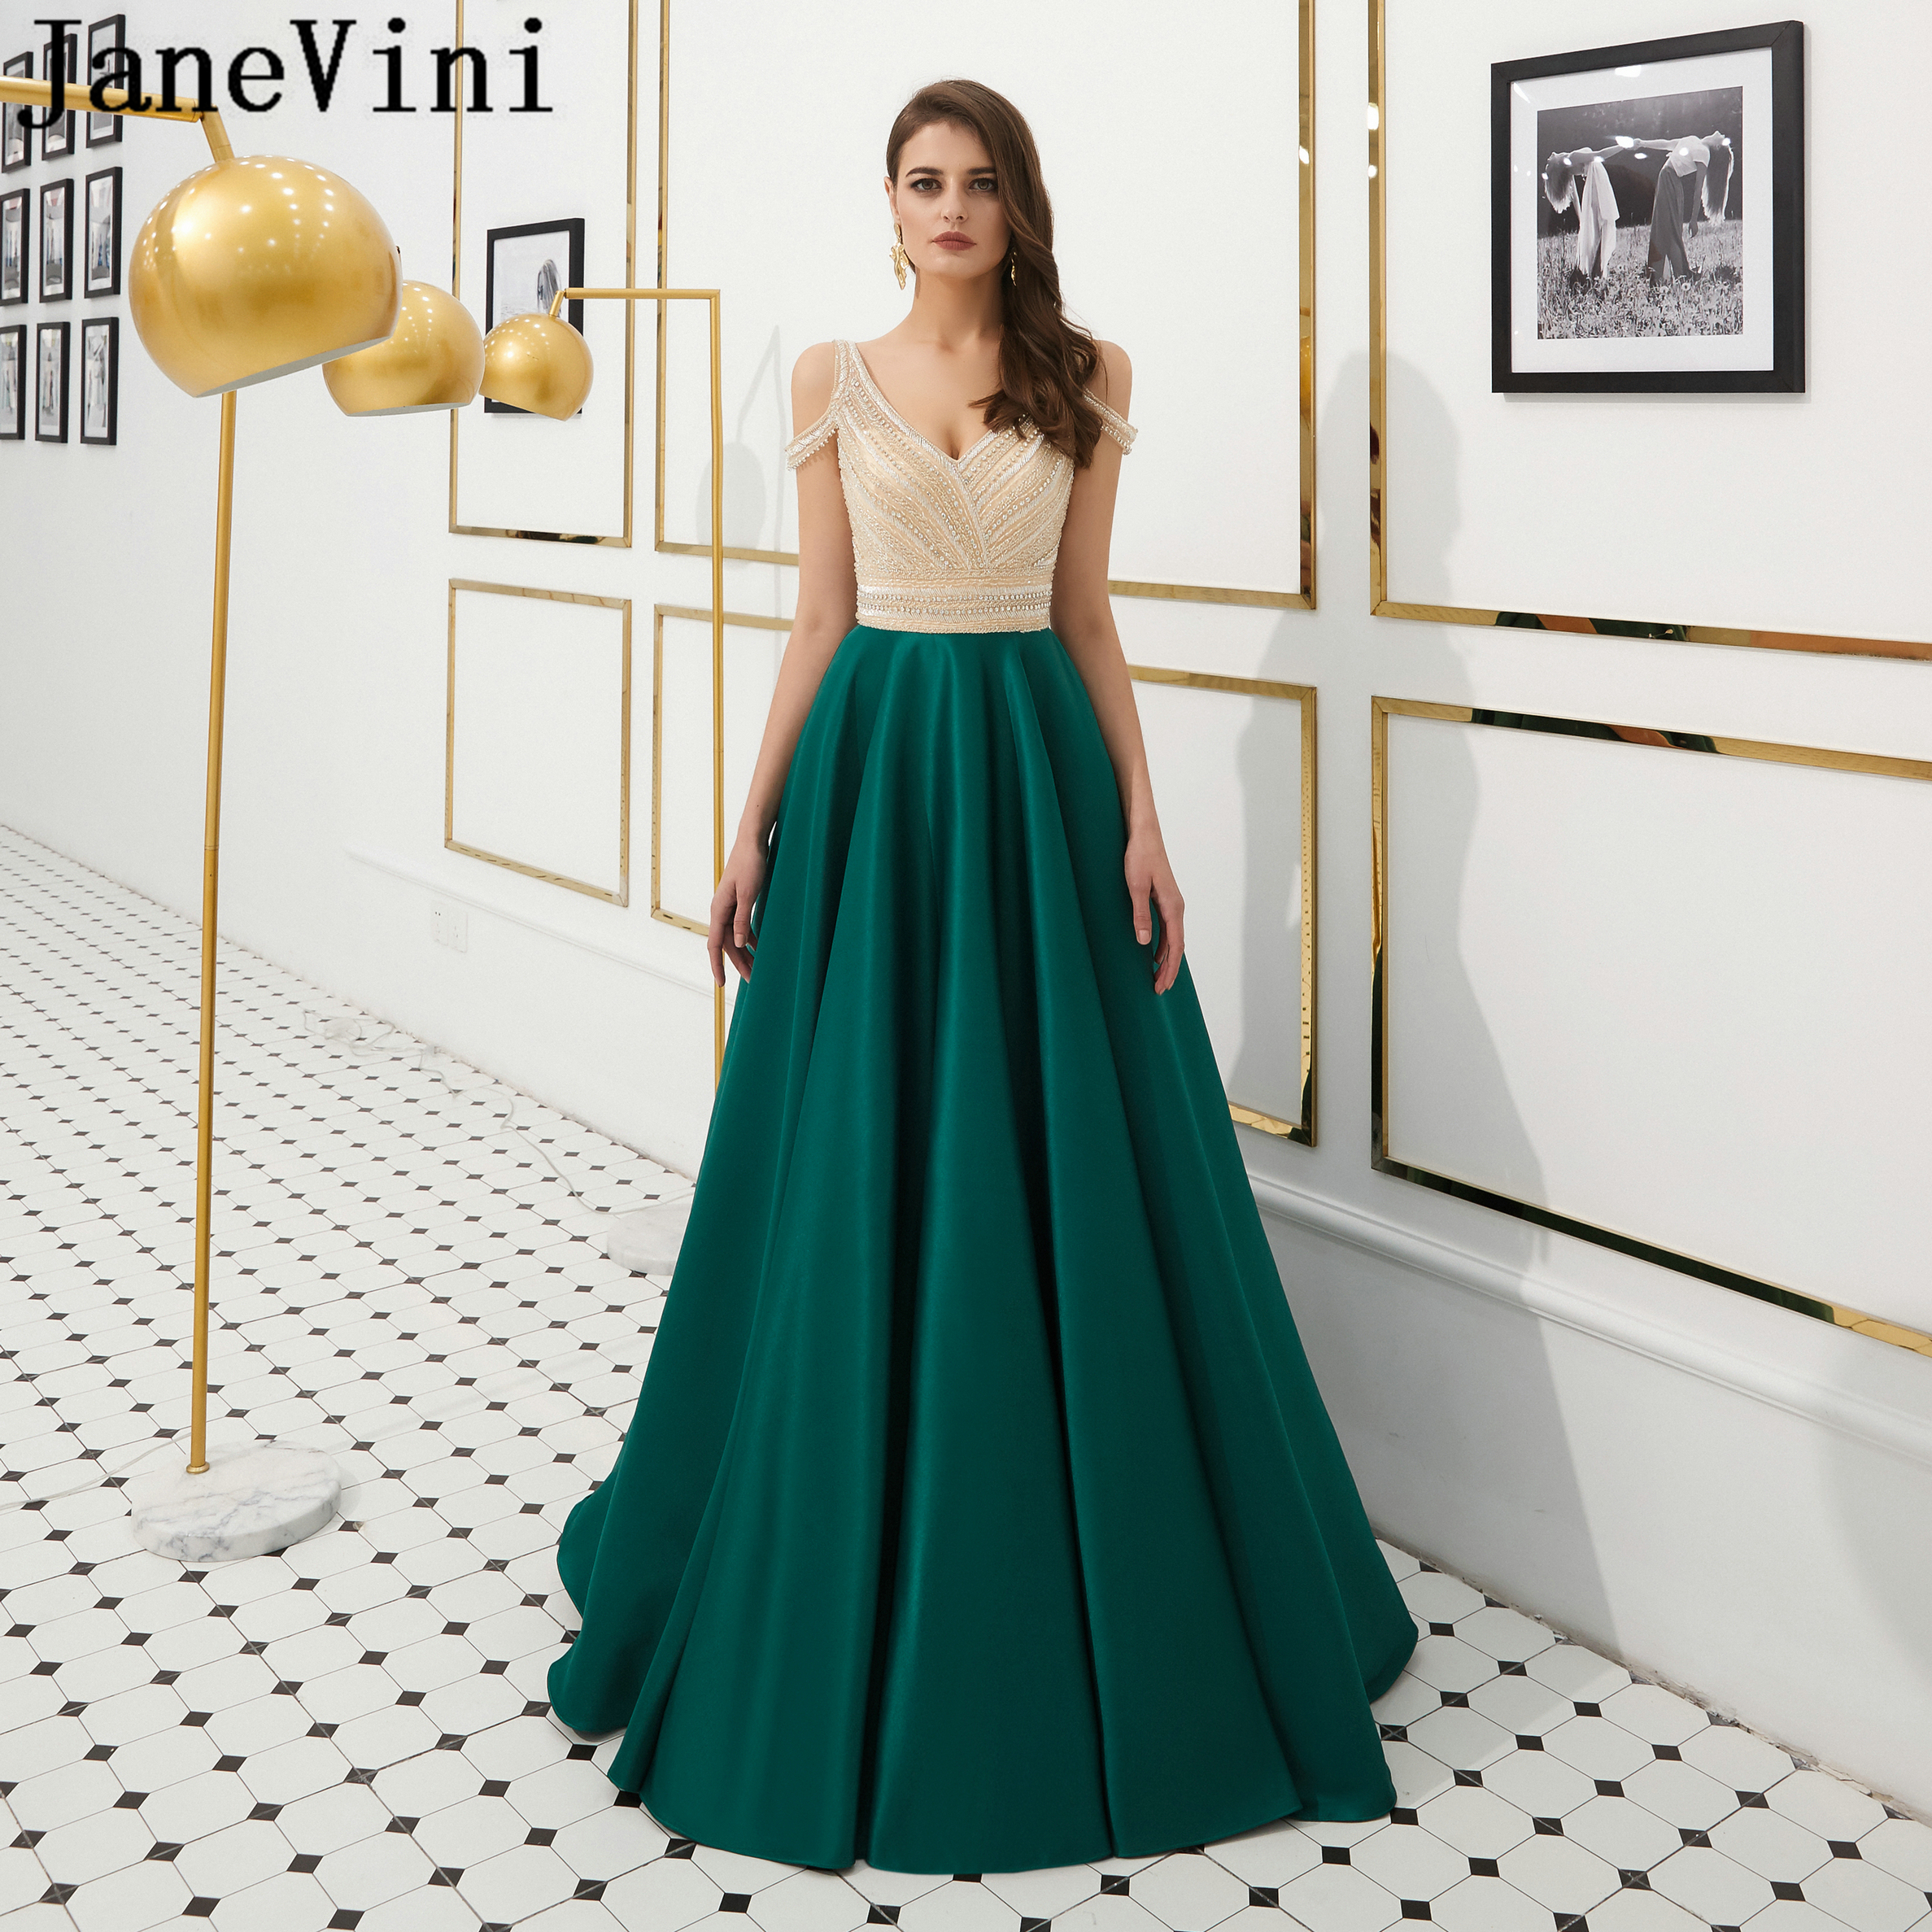 JaneVini Luxury Crystal A Line Dark Green   Evening     Dresses   for Women V Neck Heavy Beaded Sleeveless Satin   Dress   Robe De Soiree